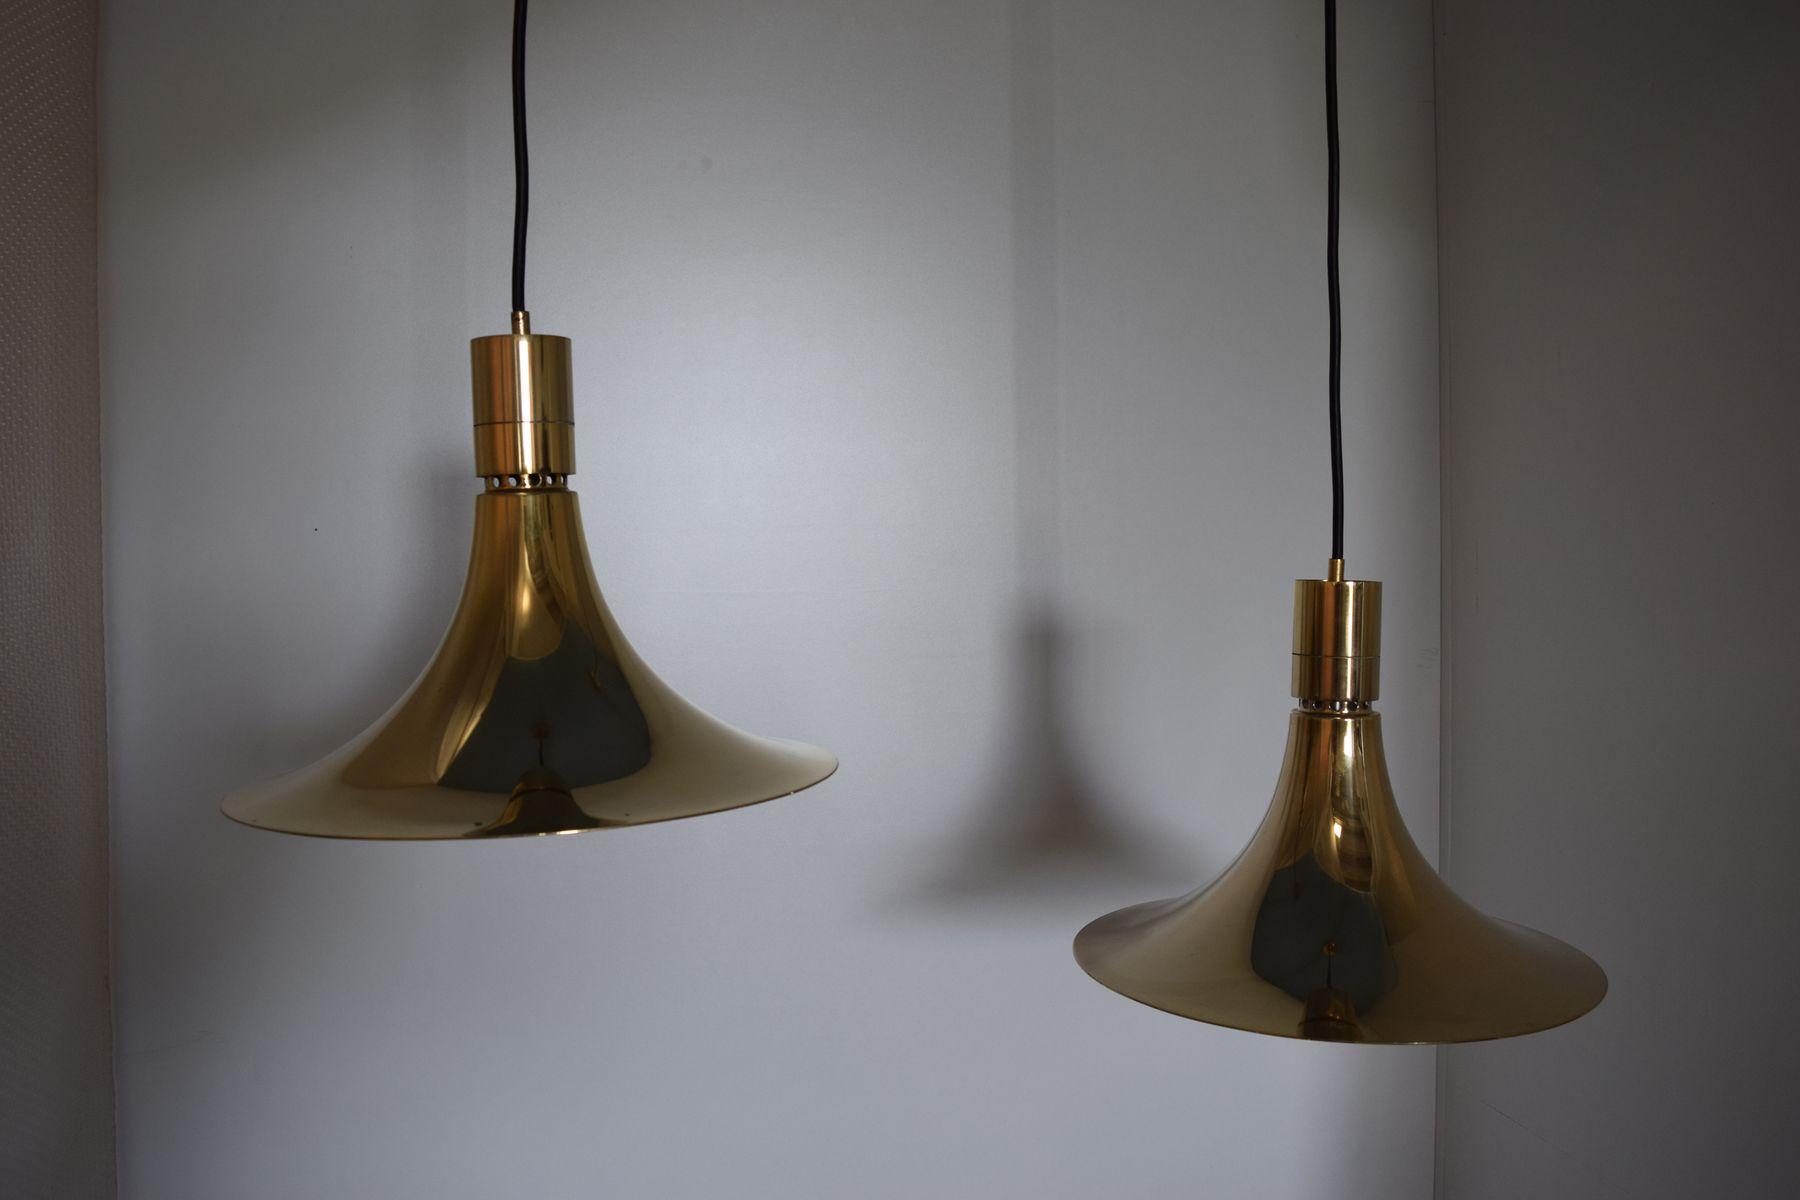 italienische am4p lampen von franco albini and franca helg f r sirrah 1960er 2er set bei. Black Bedroom Furniture Sets. Home Design Ideas